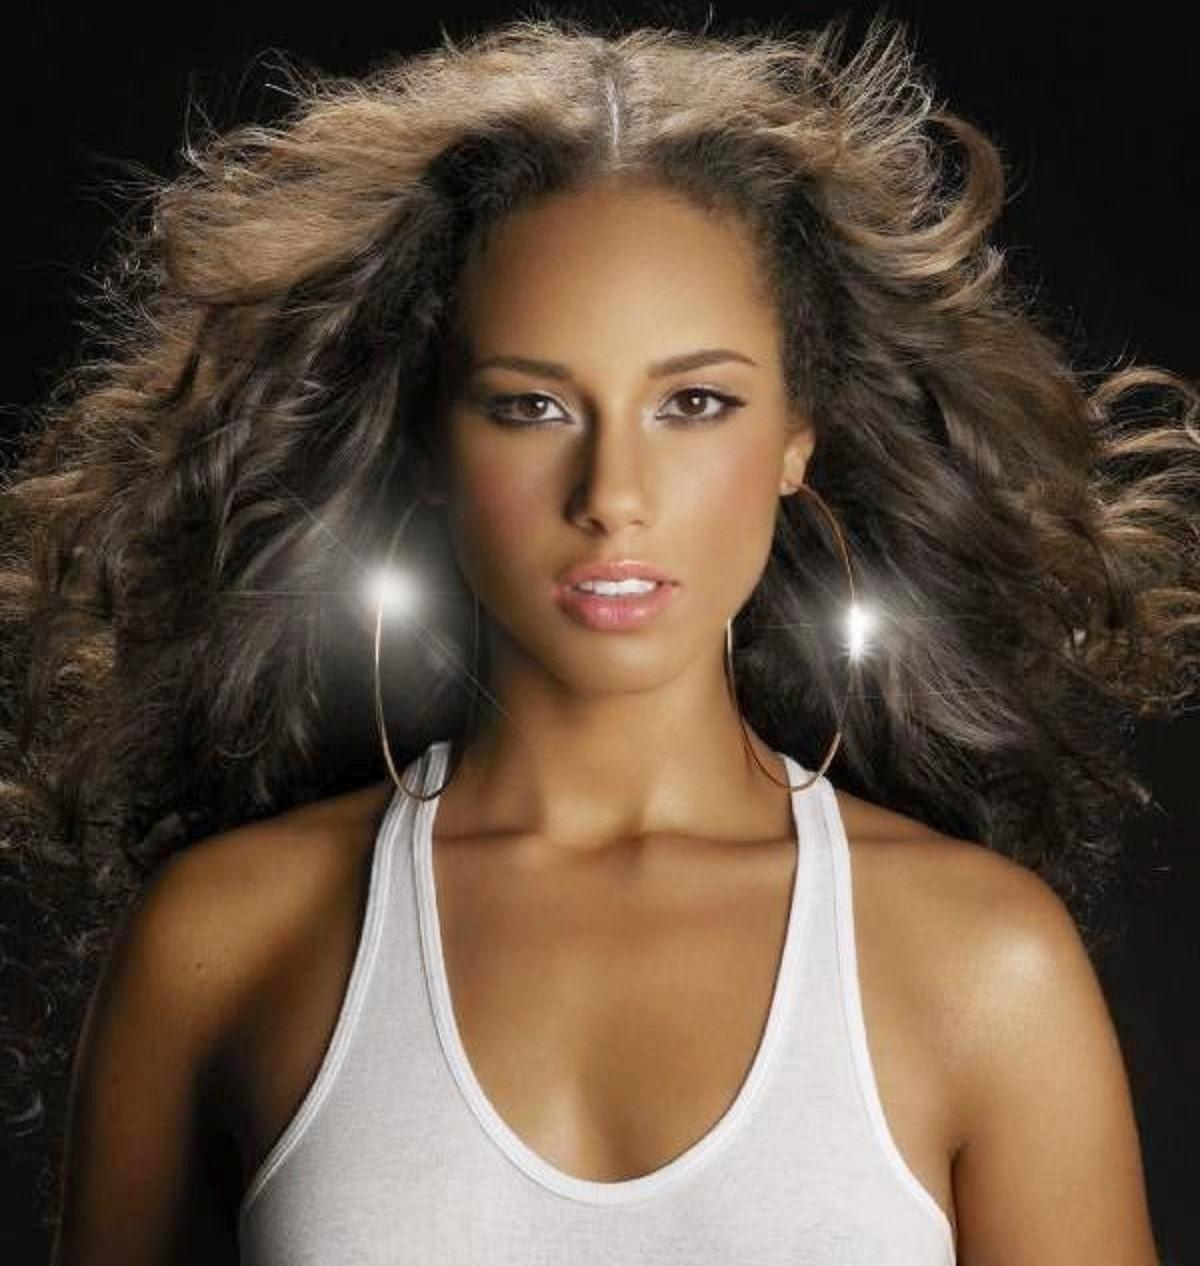 Hollywood Actress Wallpaper: Alicia Keys HD Wallpapers